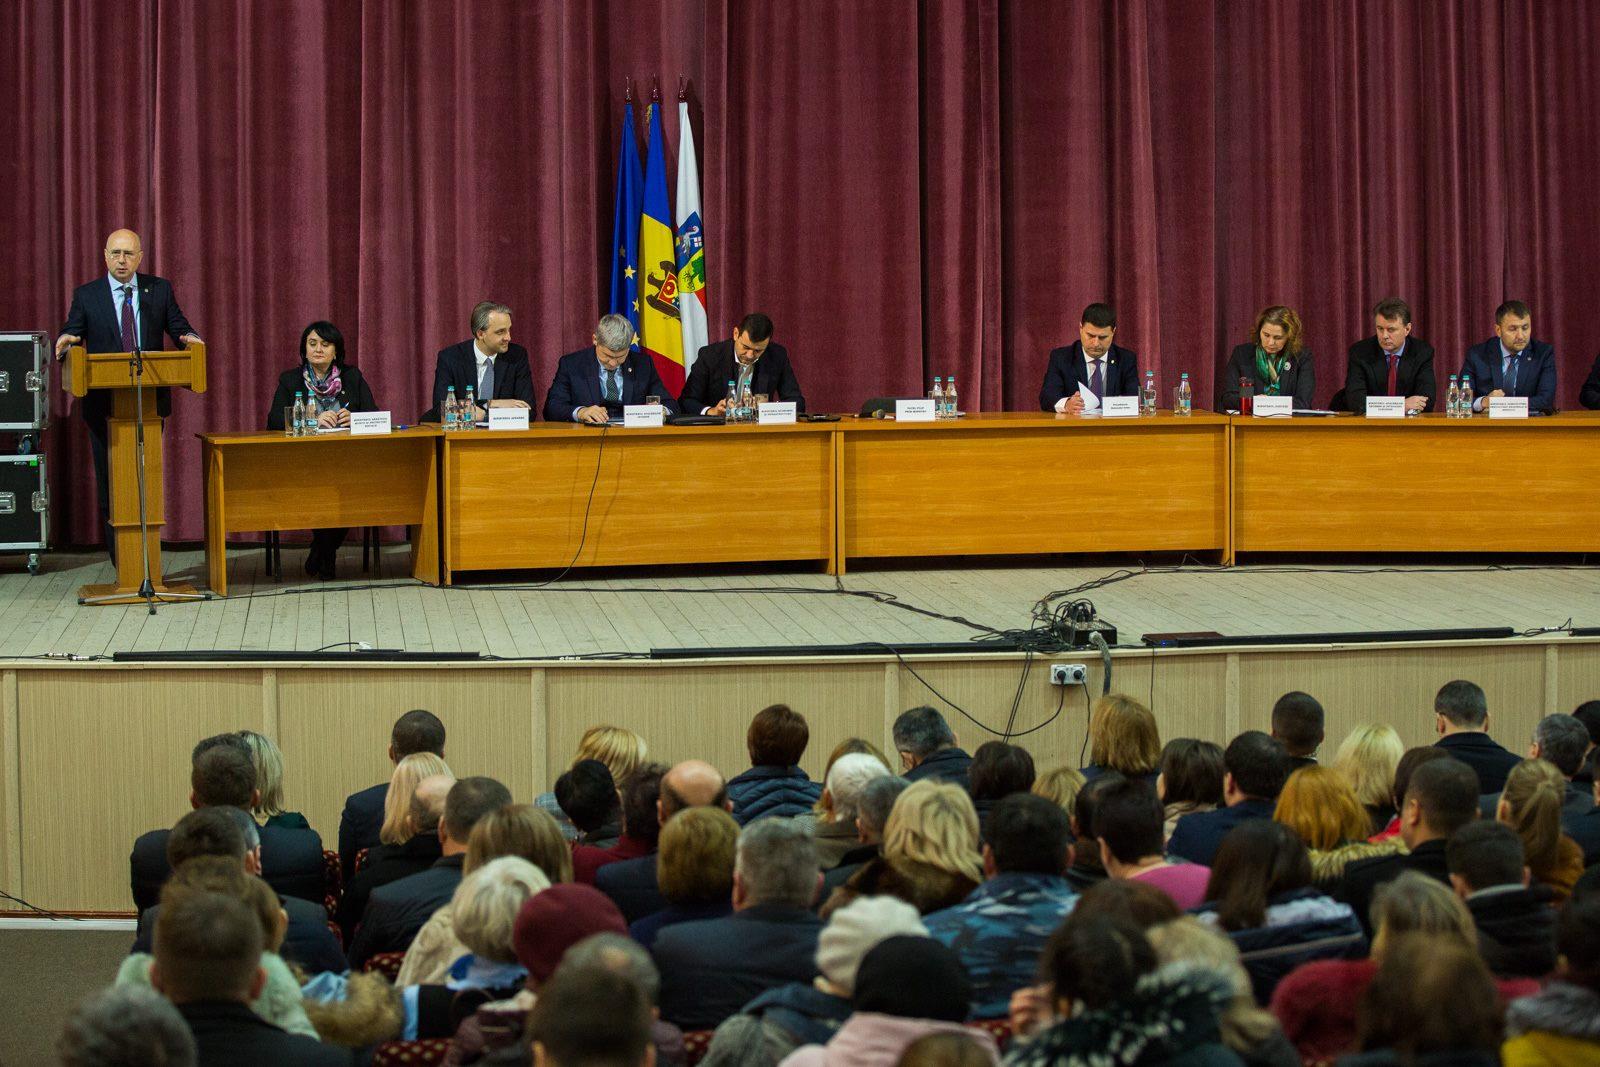 Cabinetul de miniștri, la Orhei: Ne-am suflecat mânecile, ne-am apucat de treabă și am început să rezolvăm problemele